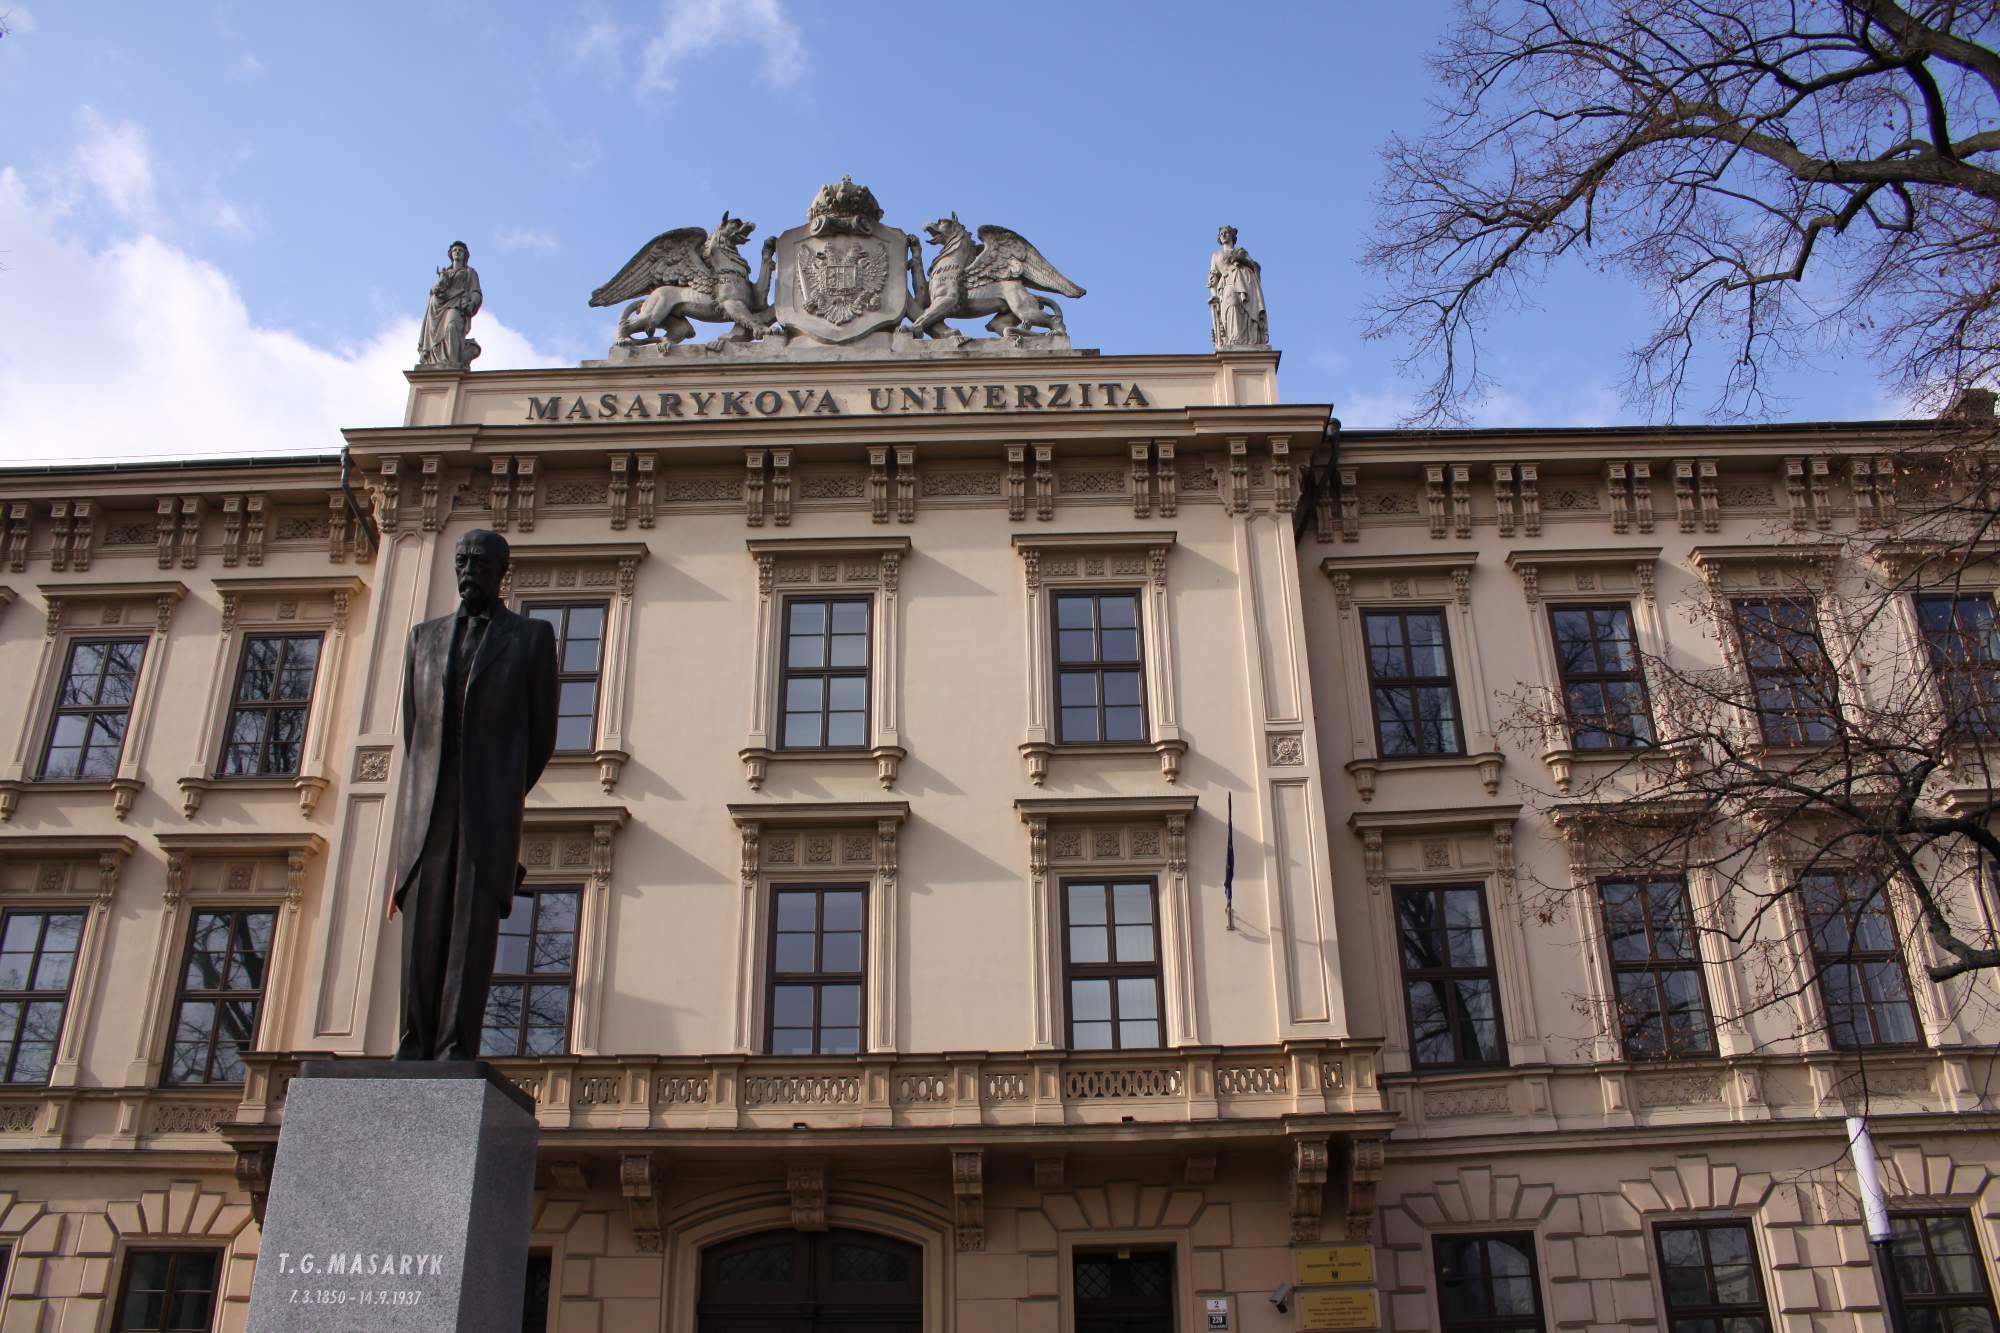 Budova Masarykovy univerzity na Komenského náměstí, foto: Kateřina Bečková